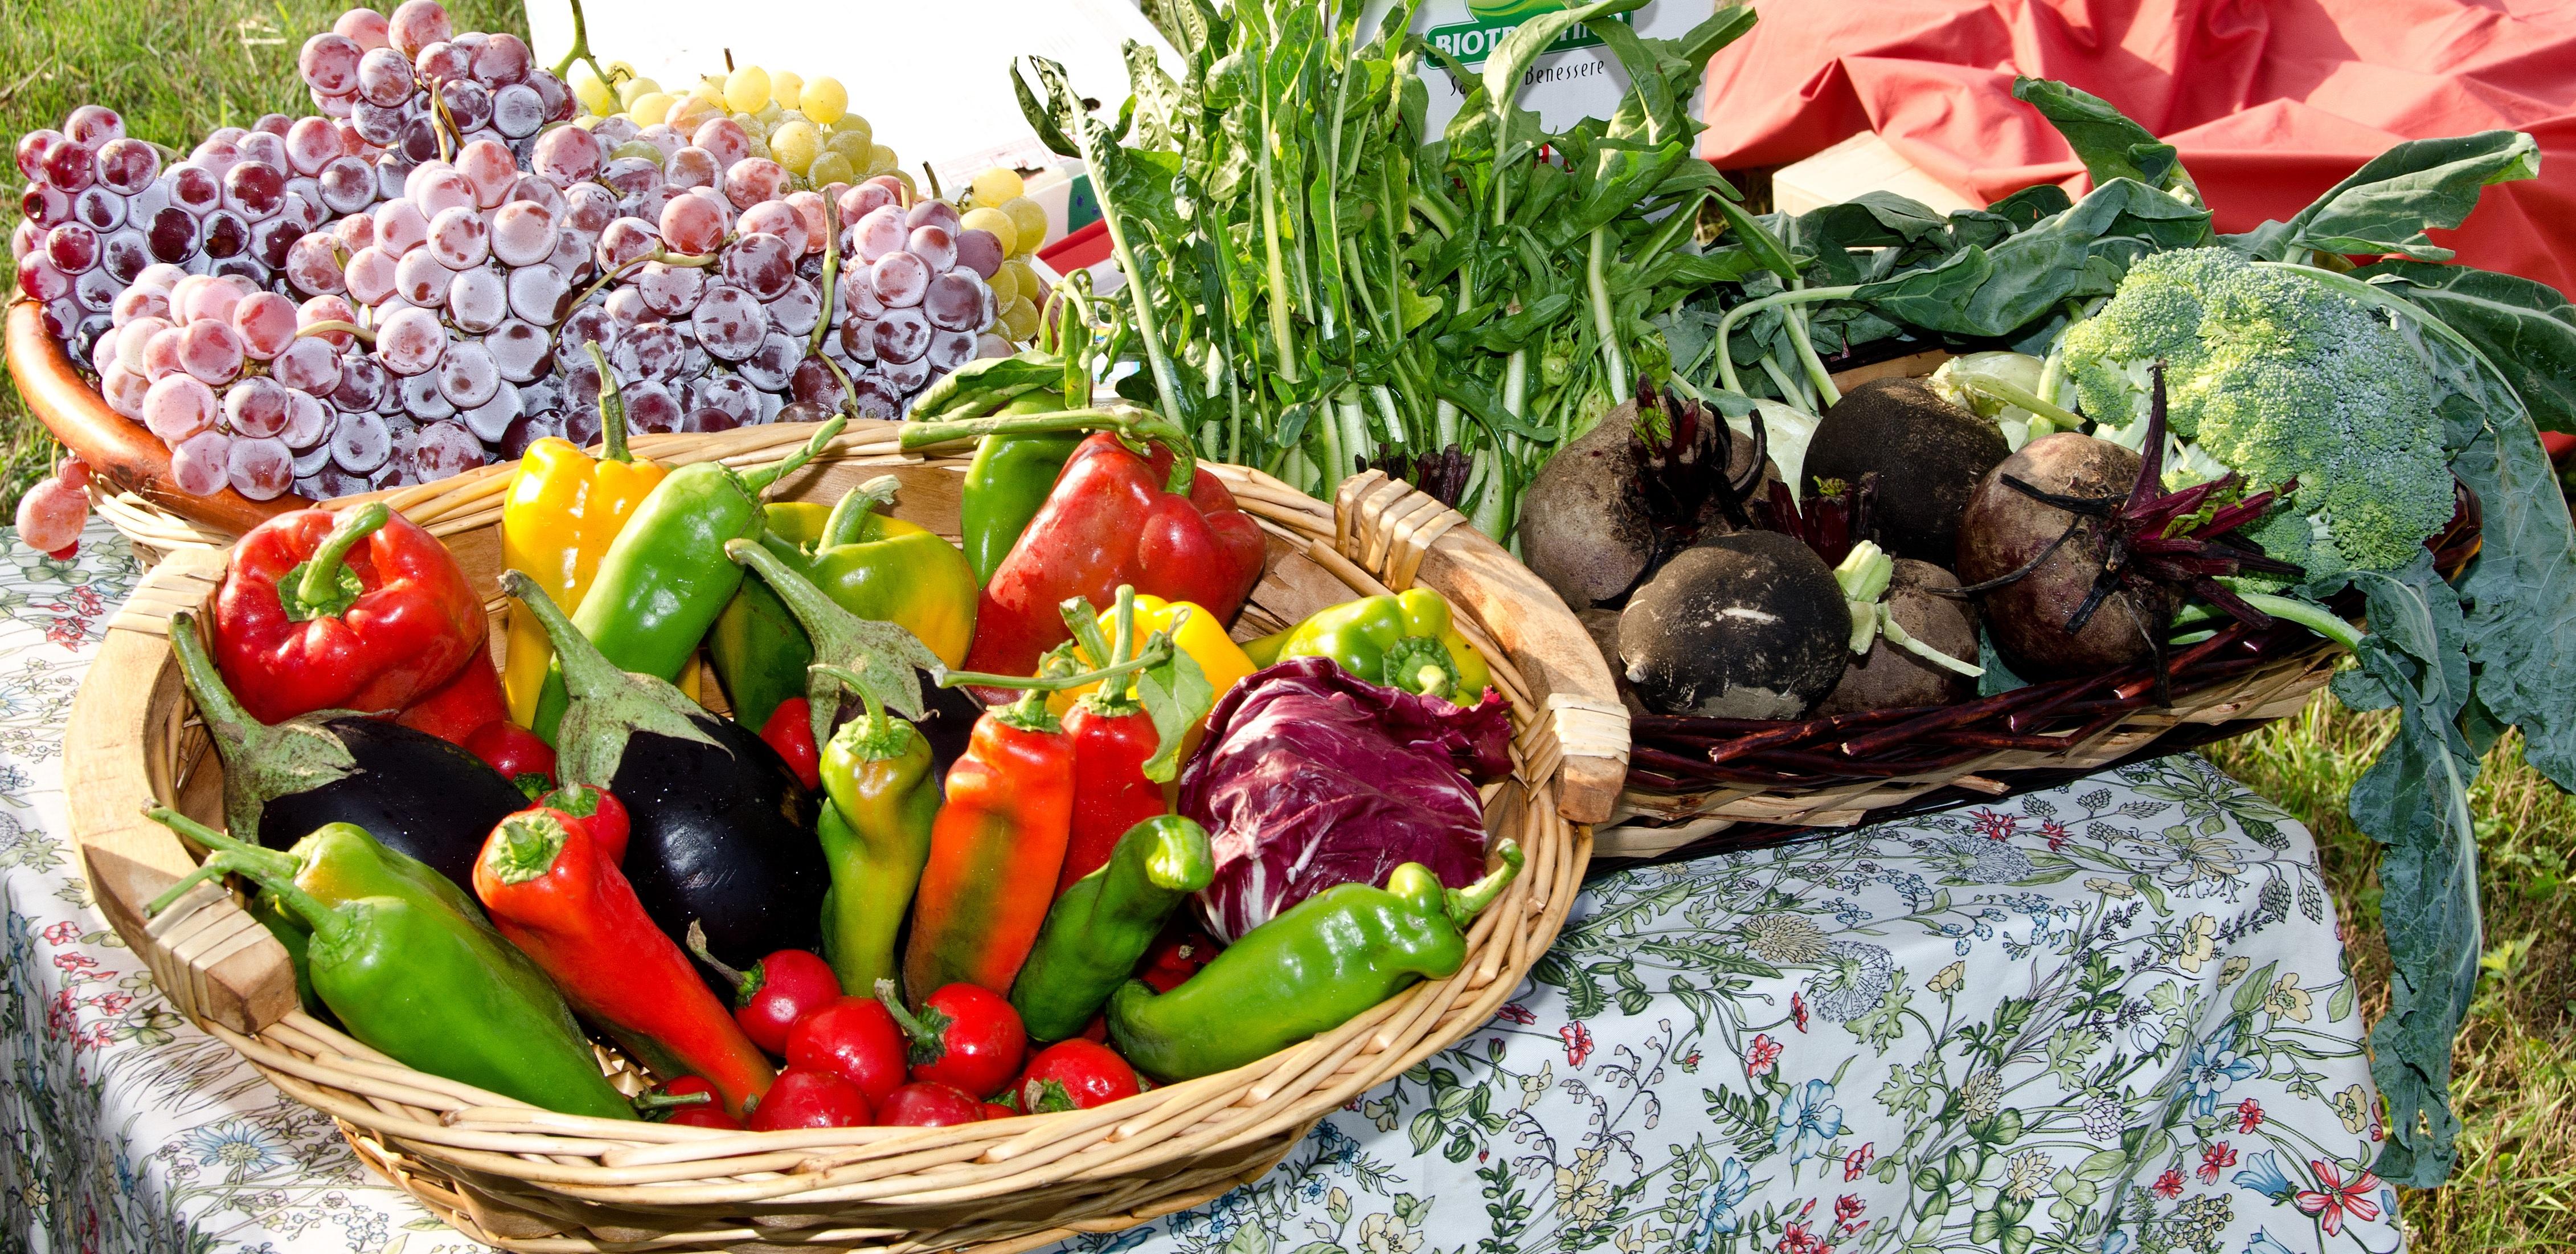 Images Gratuites Fleur Plat Repas Aliments Produire